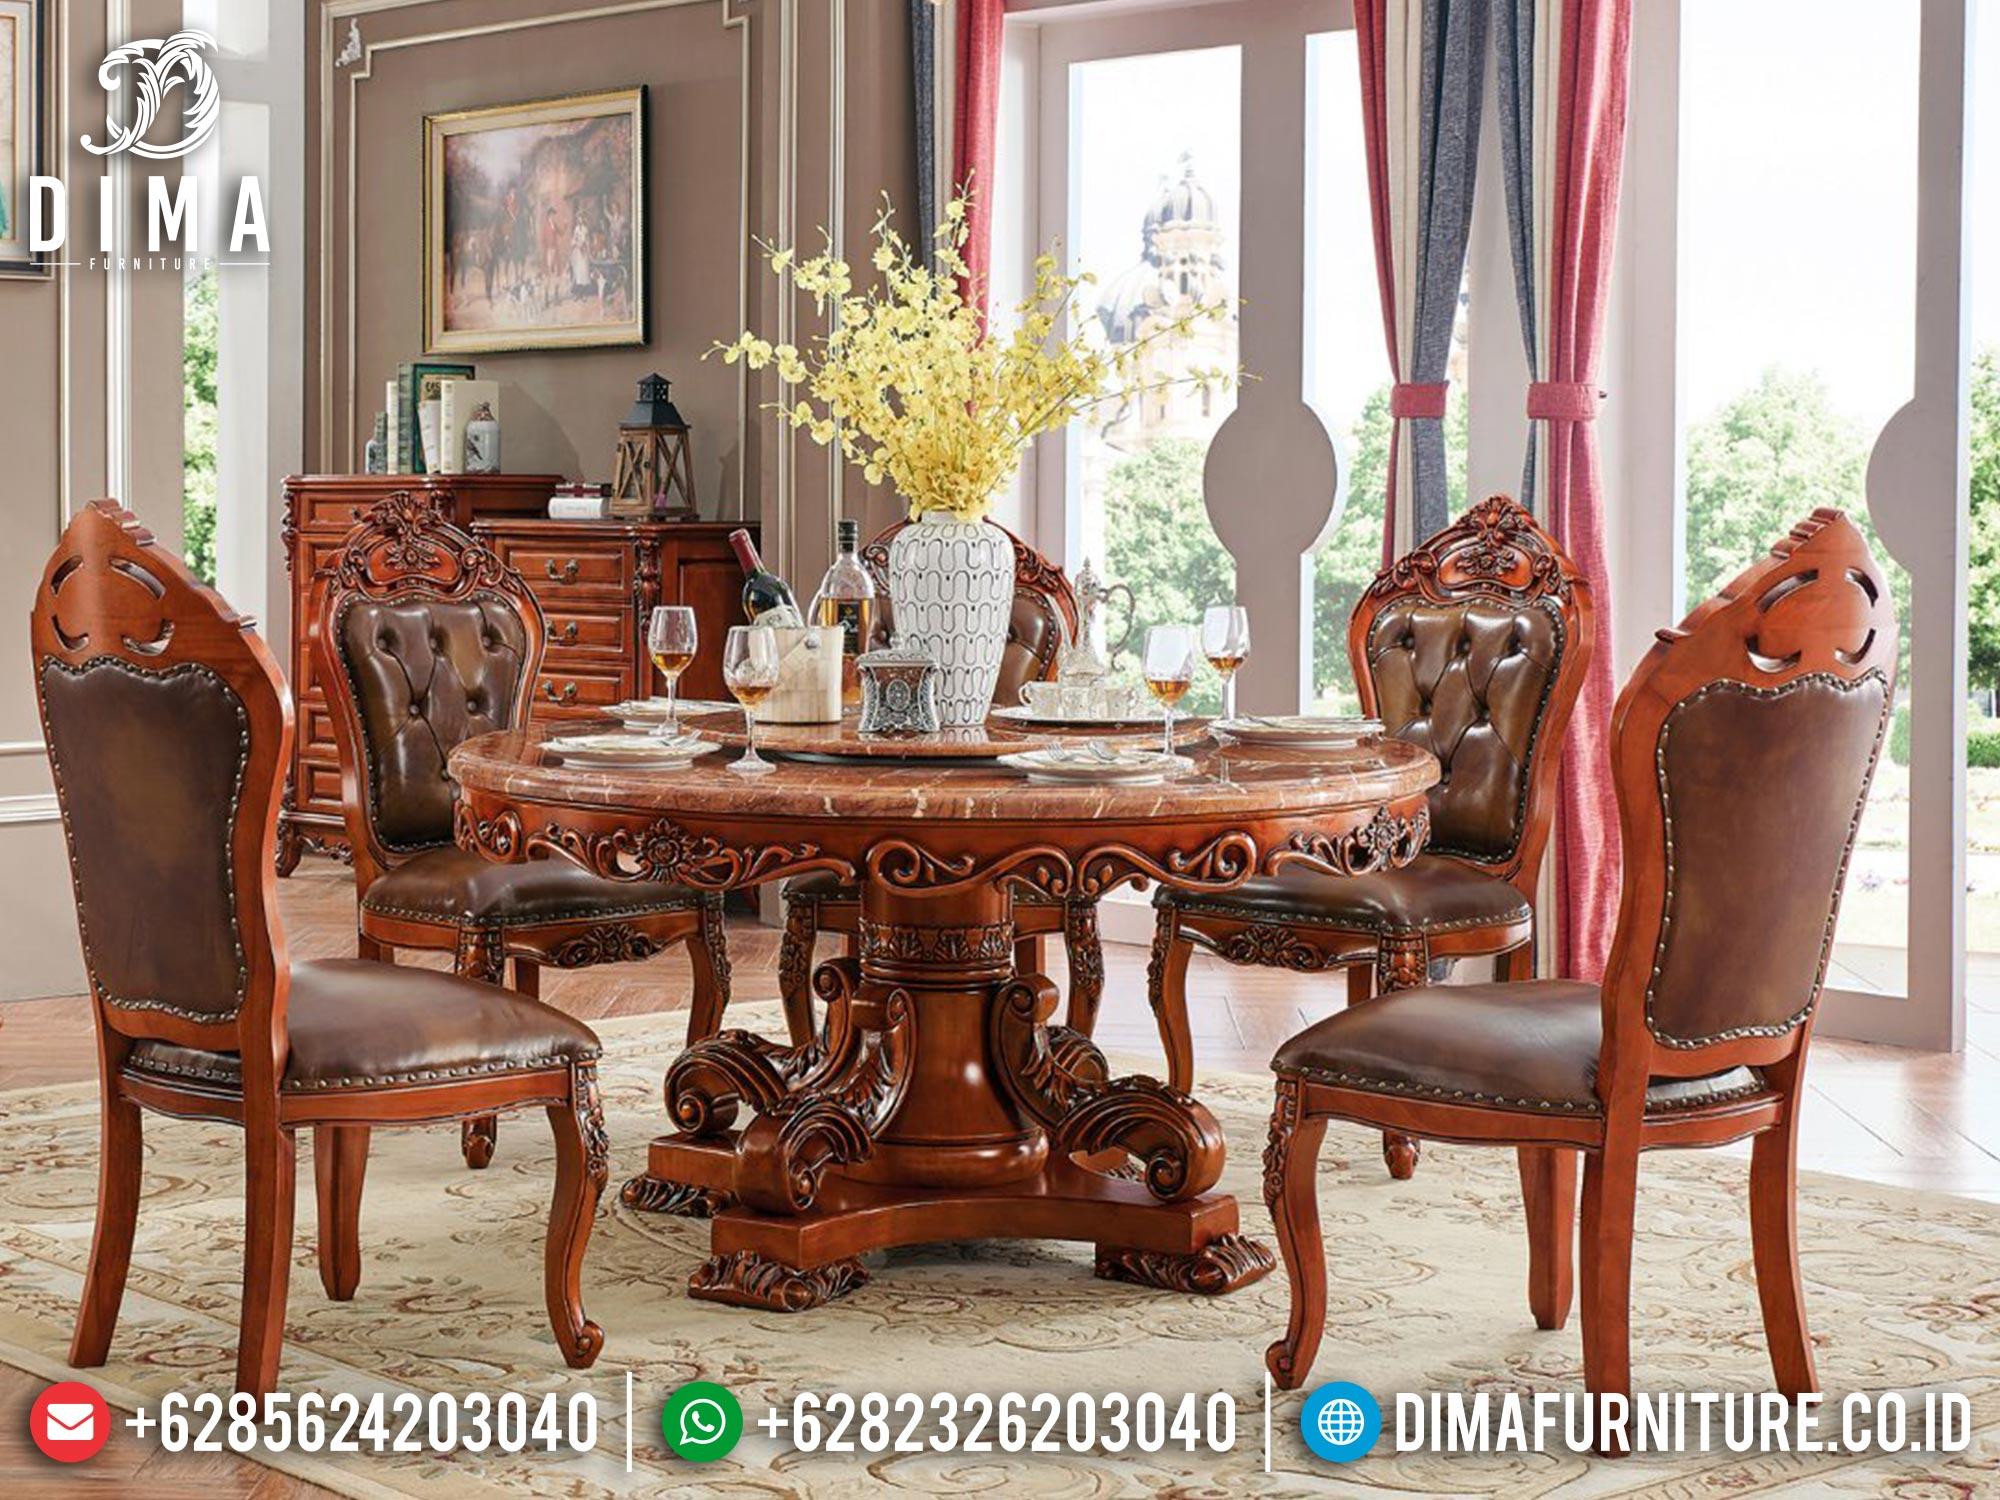 Harga Meja Makan Mewah Jati Natural Perhutani Luxury Design Furniture Jepara 100% Asli Mm-1033